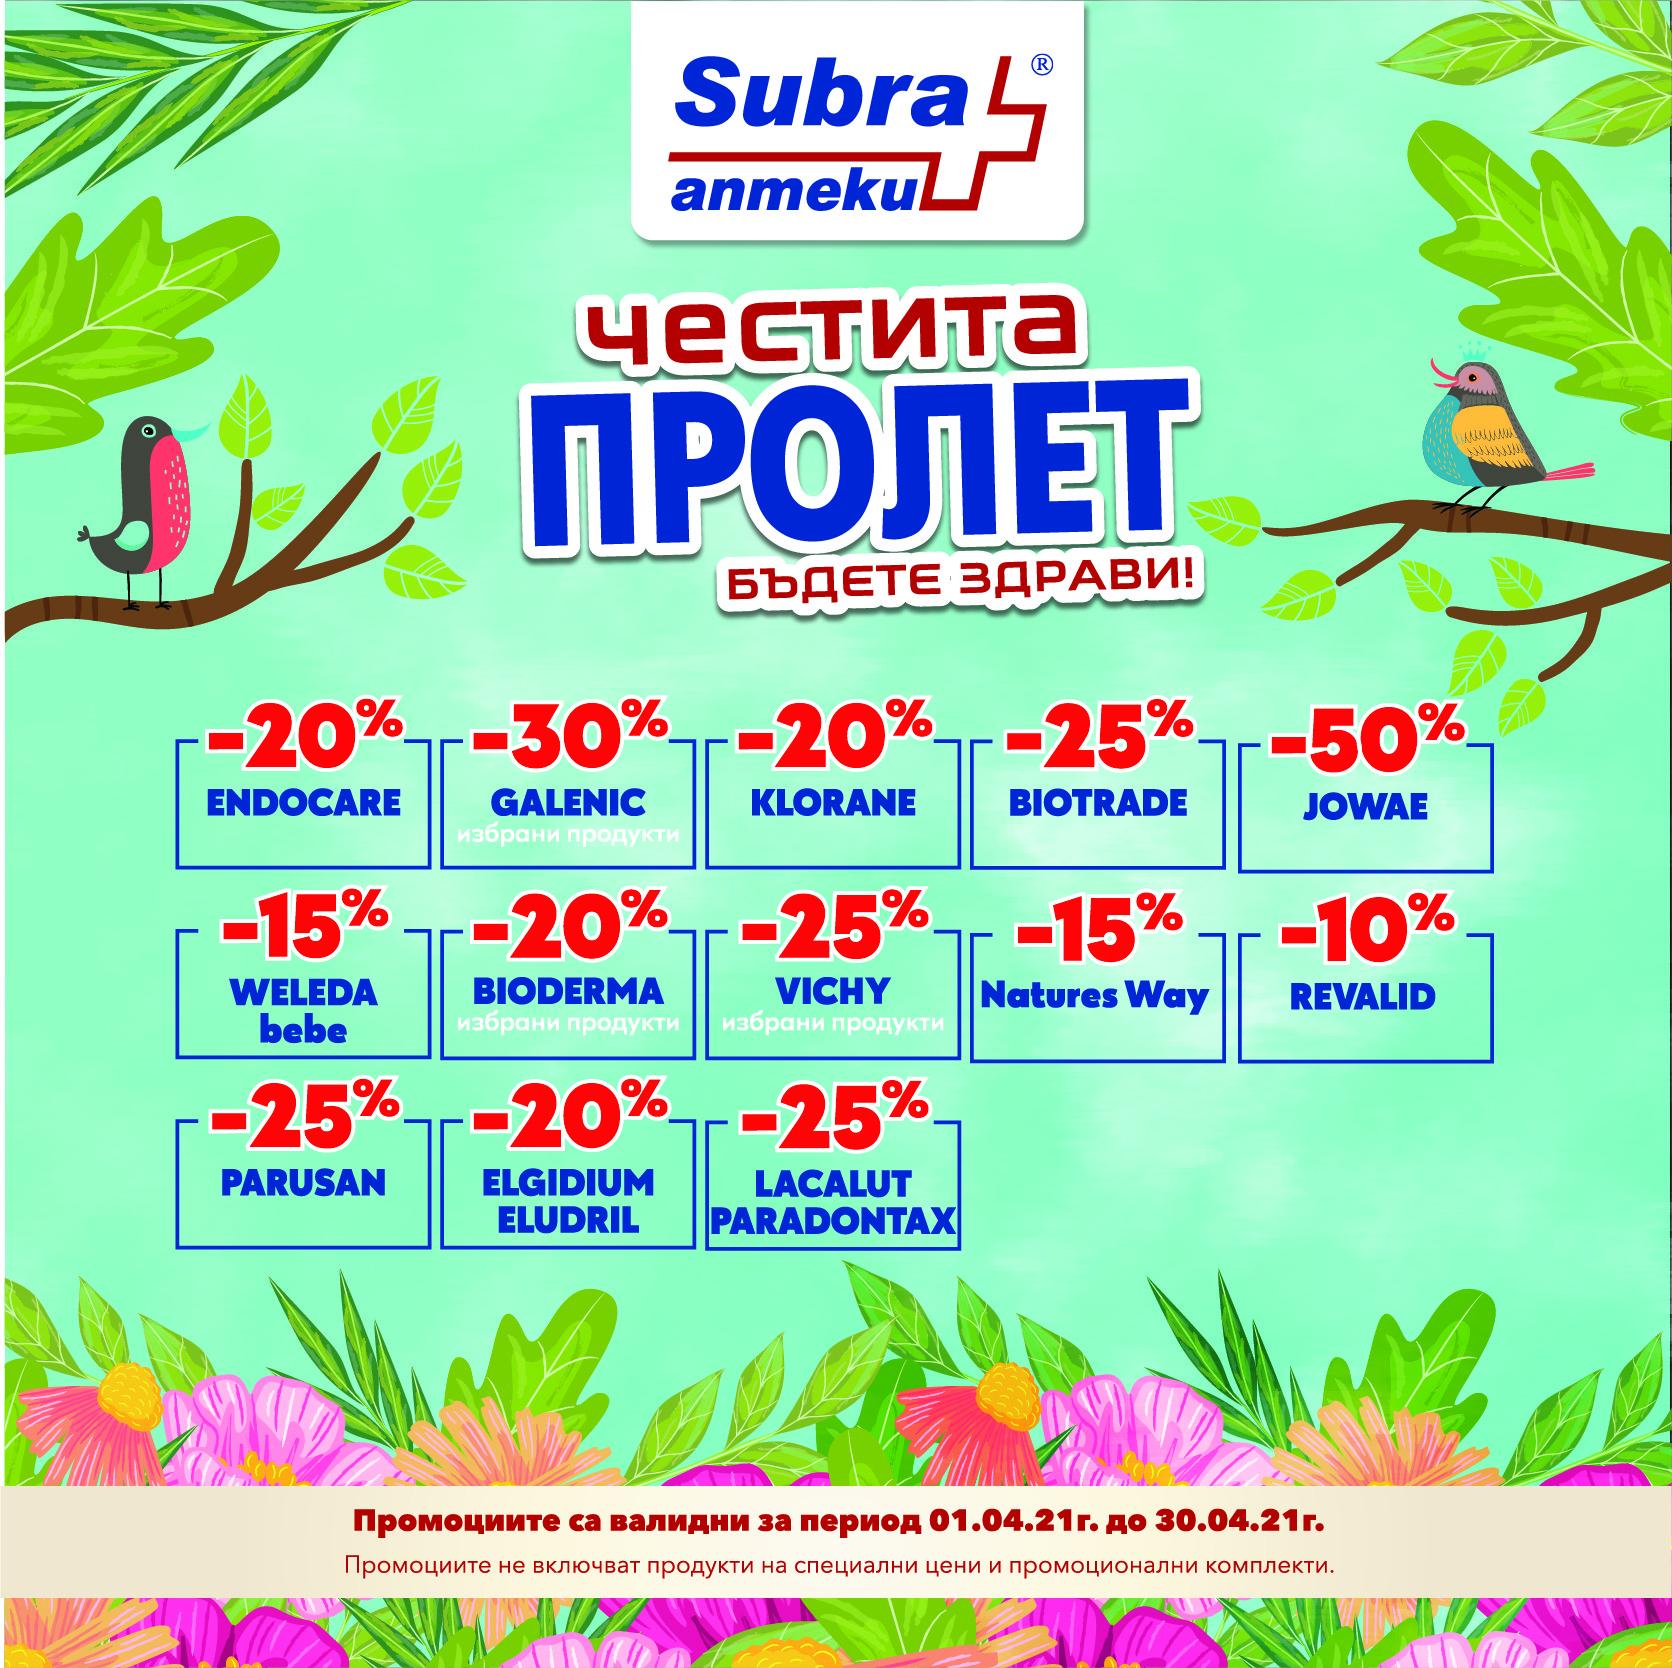 Promotsii-april-subra